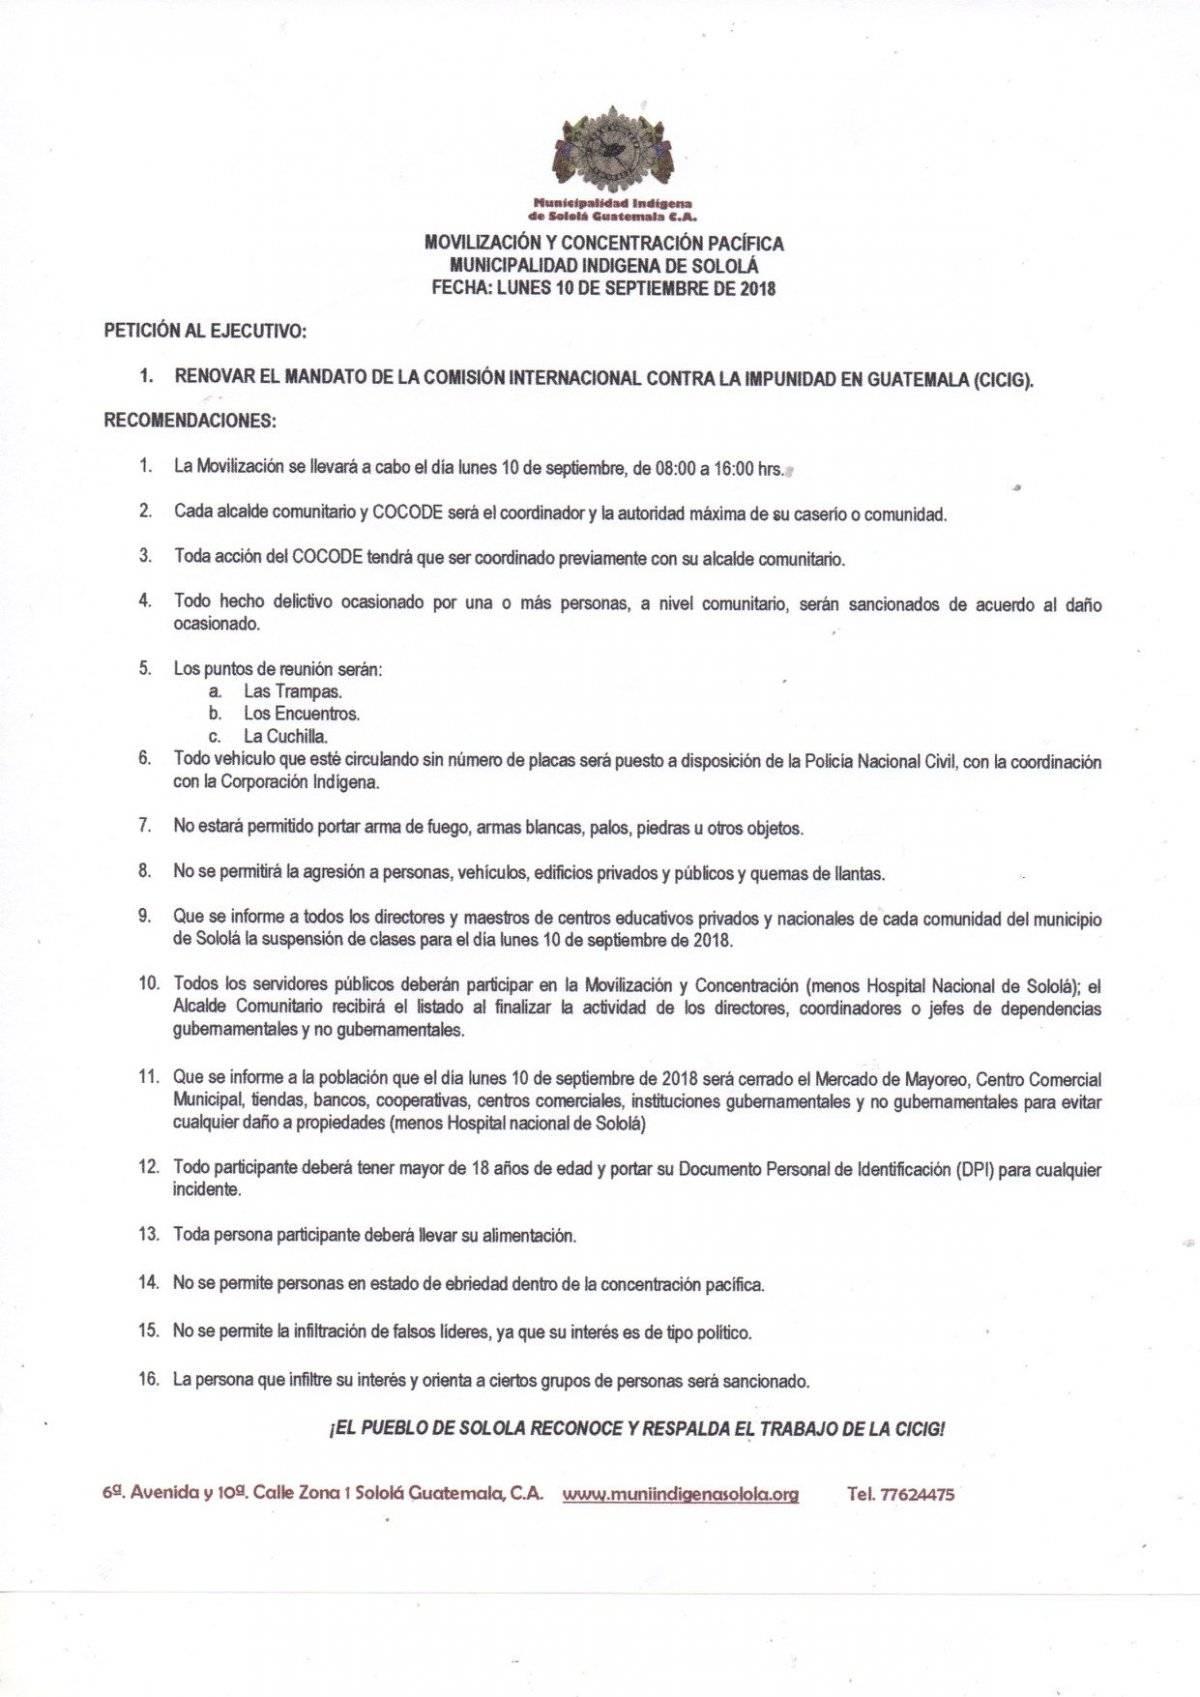 Municipalidad Indígena de Sololá